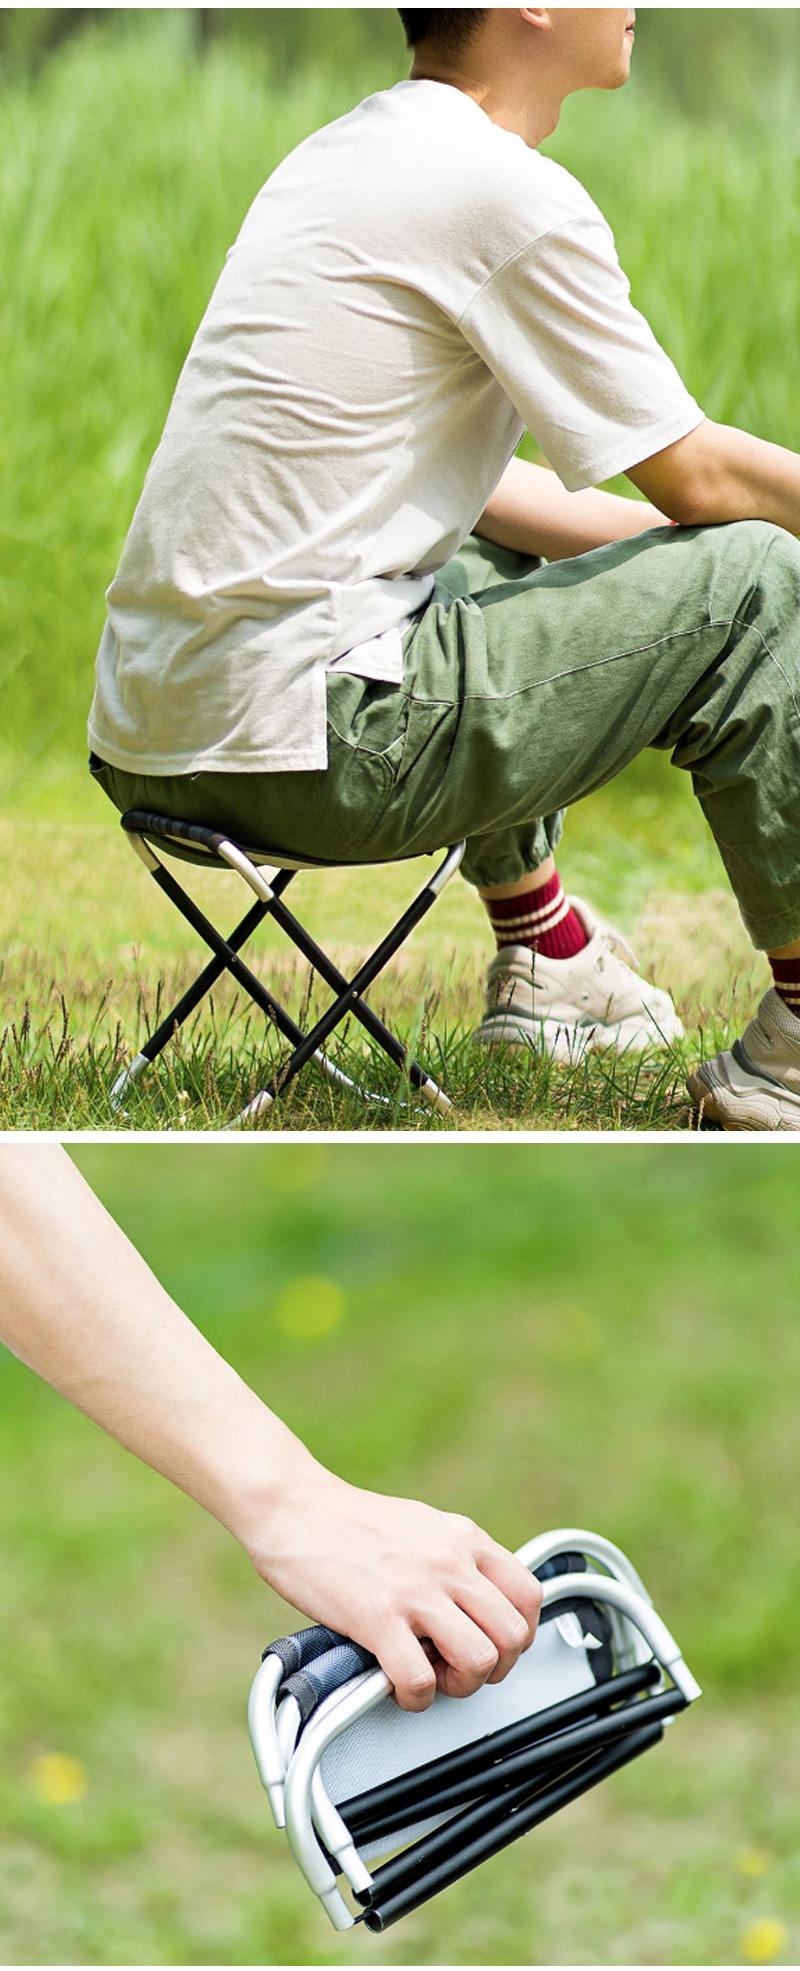 xiaomi zaofeng folding chair